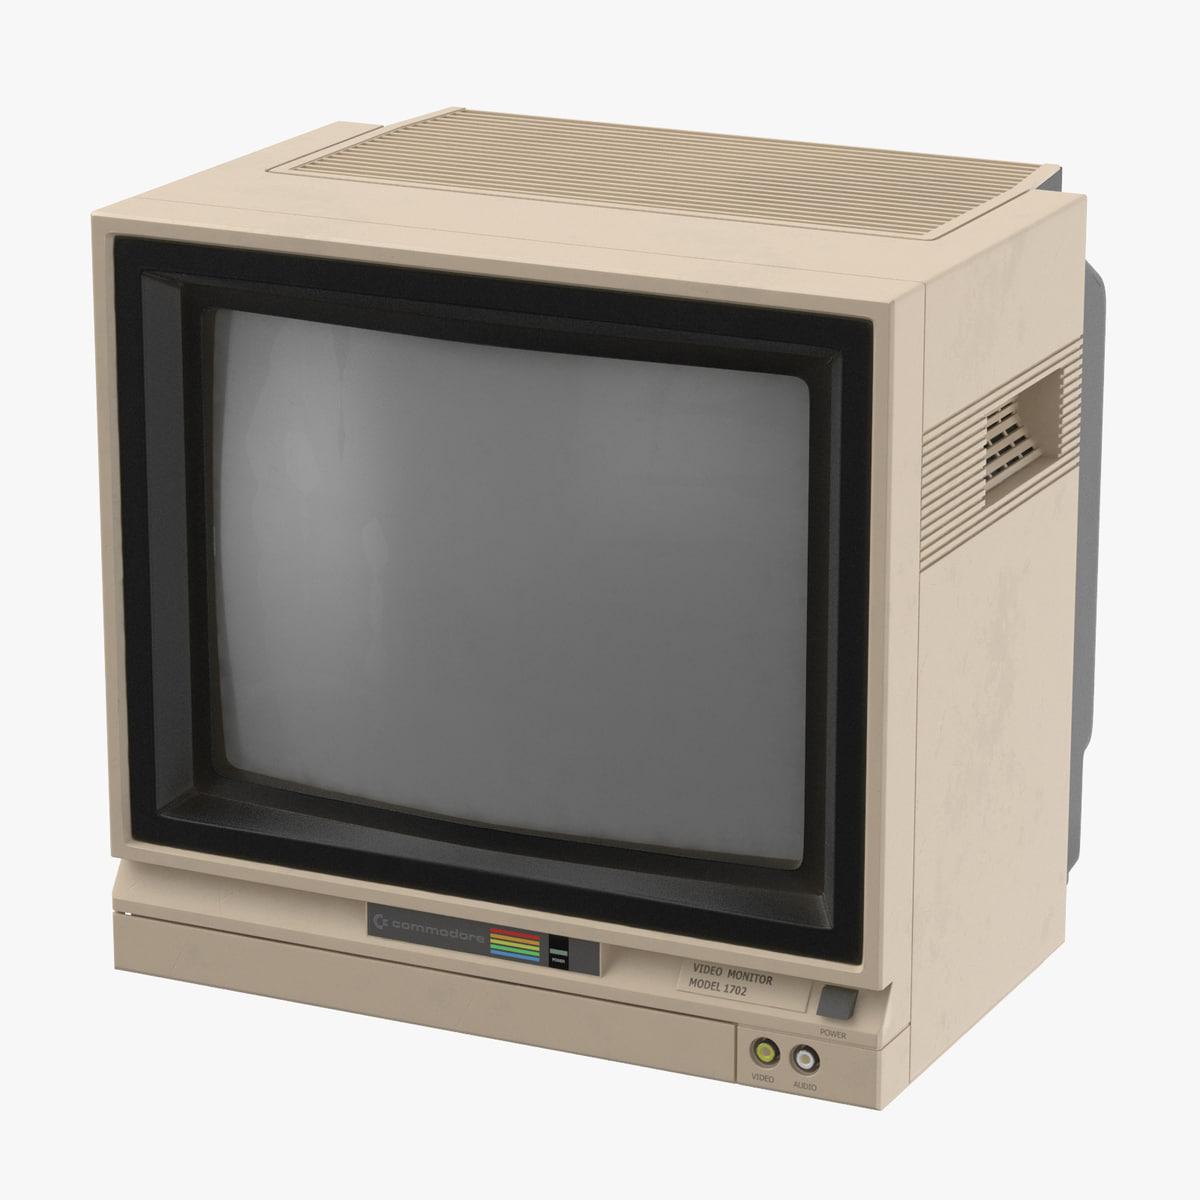 3D commodore 64 model